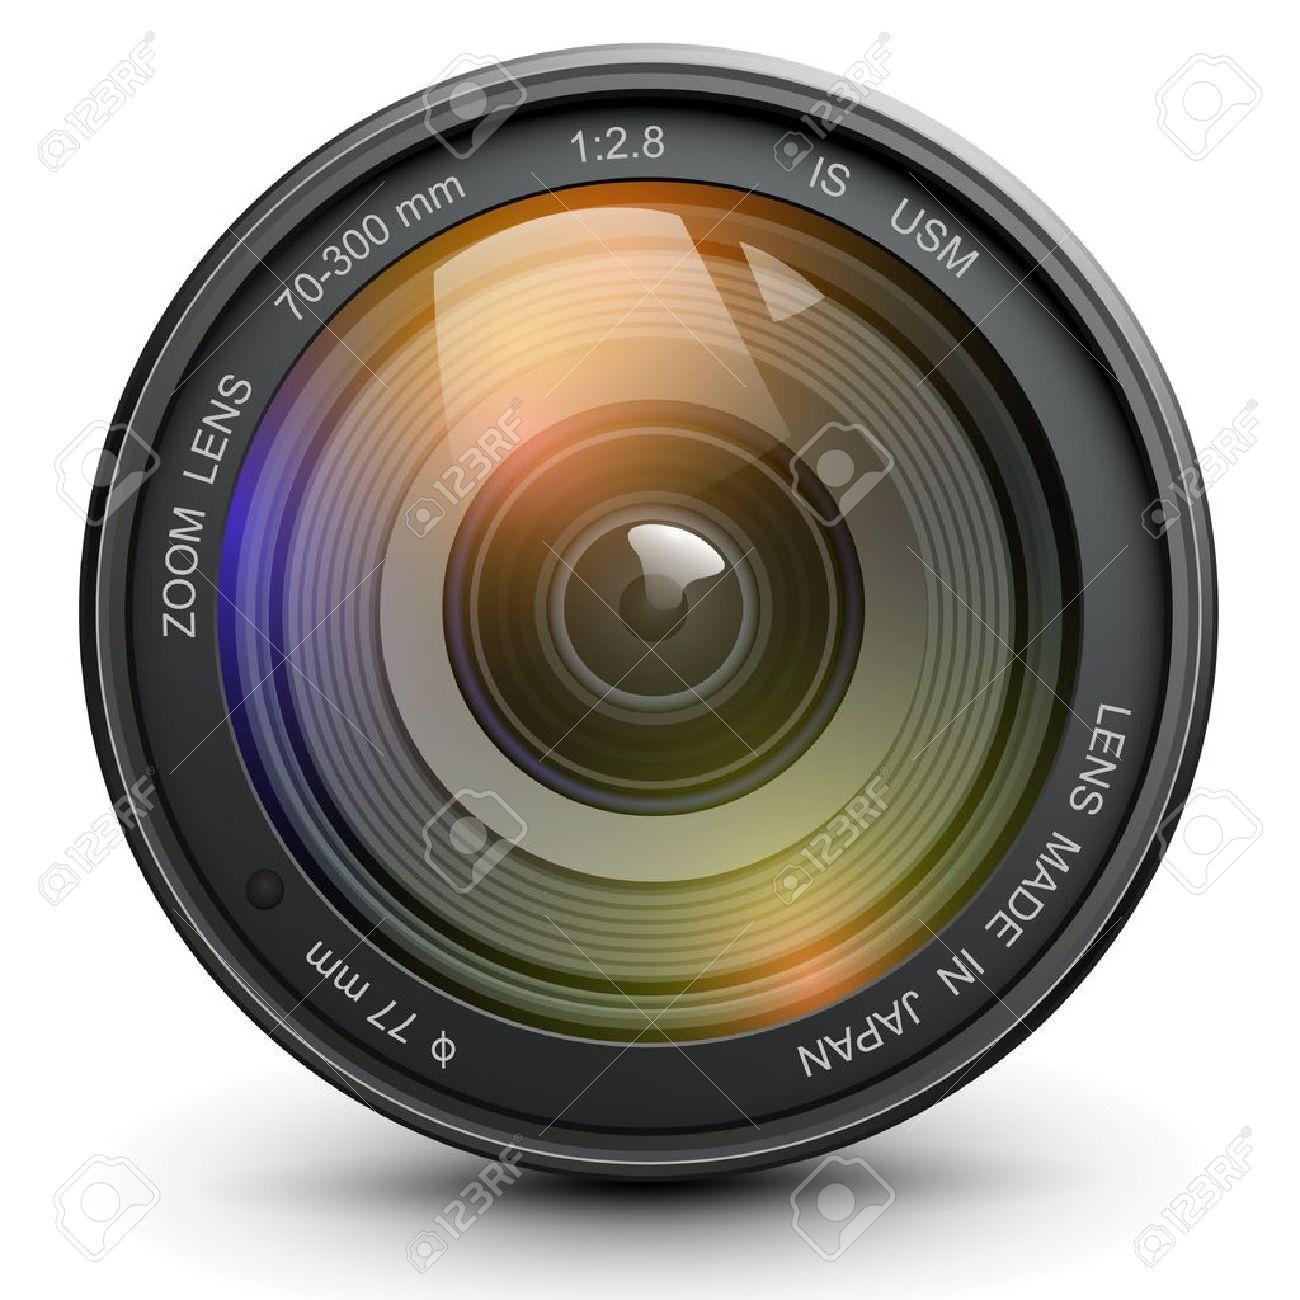 Camera Photo Lens, Vector. Royalty Free Cliparts, Vectors, And ...